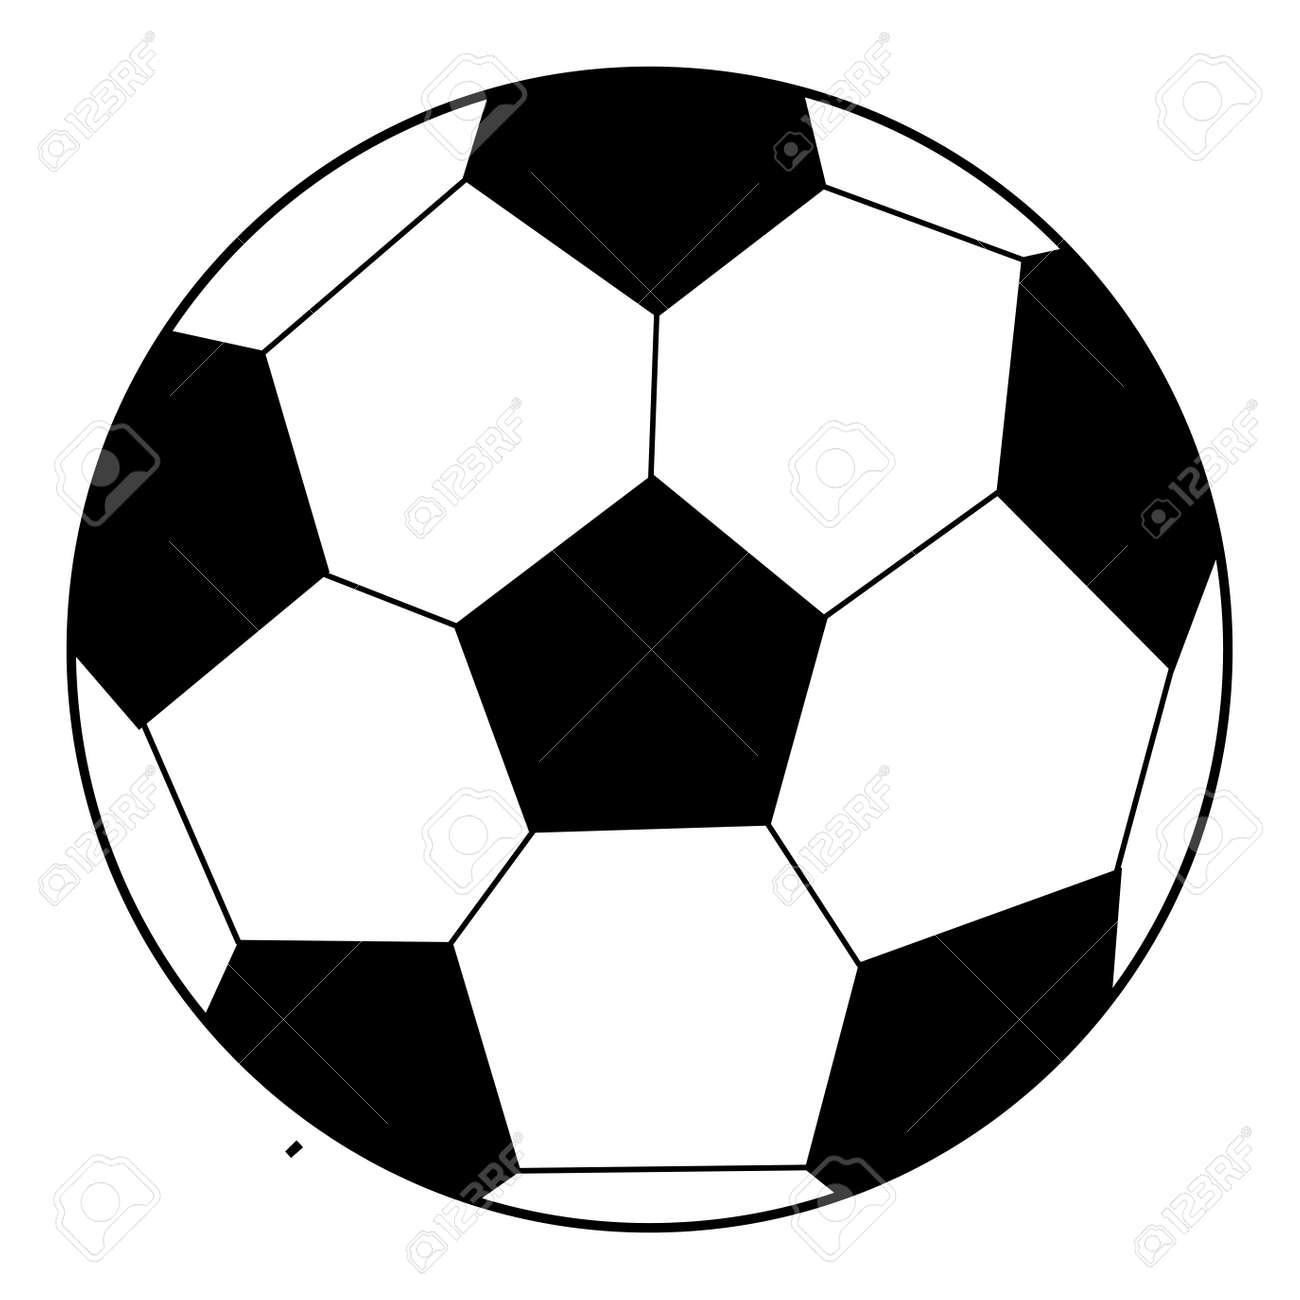 Färbung Buch Umrissen Fußball Lizenzfrei Nutzbare Vektorgrafiken ...